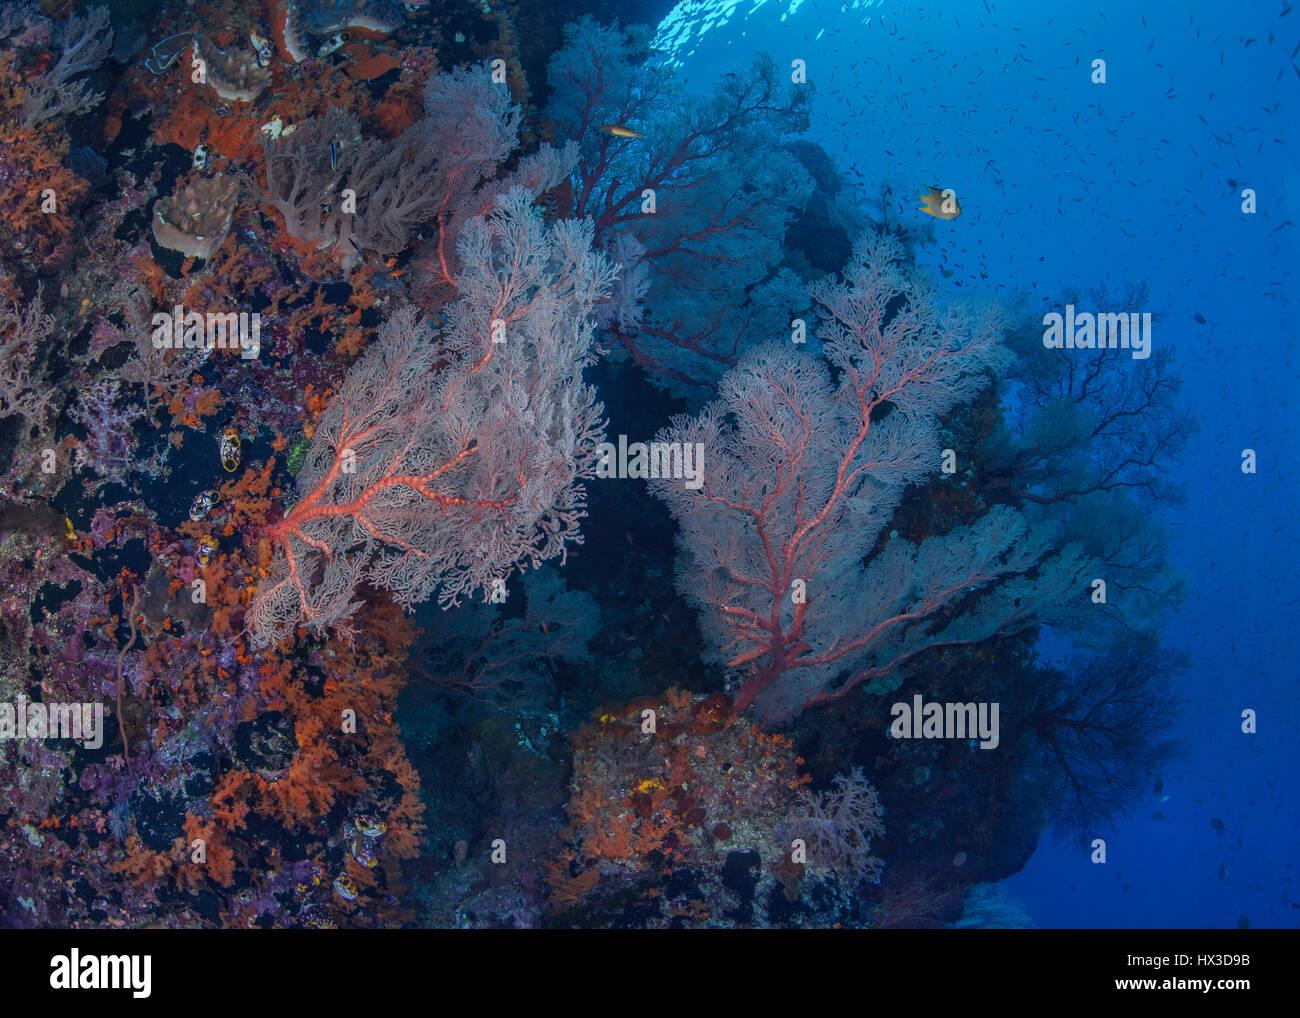 Mur corallien peuplé par des fans de la mer luminescents. Raja Ampat, en Indonésie. Photo Stock